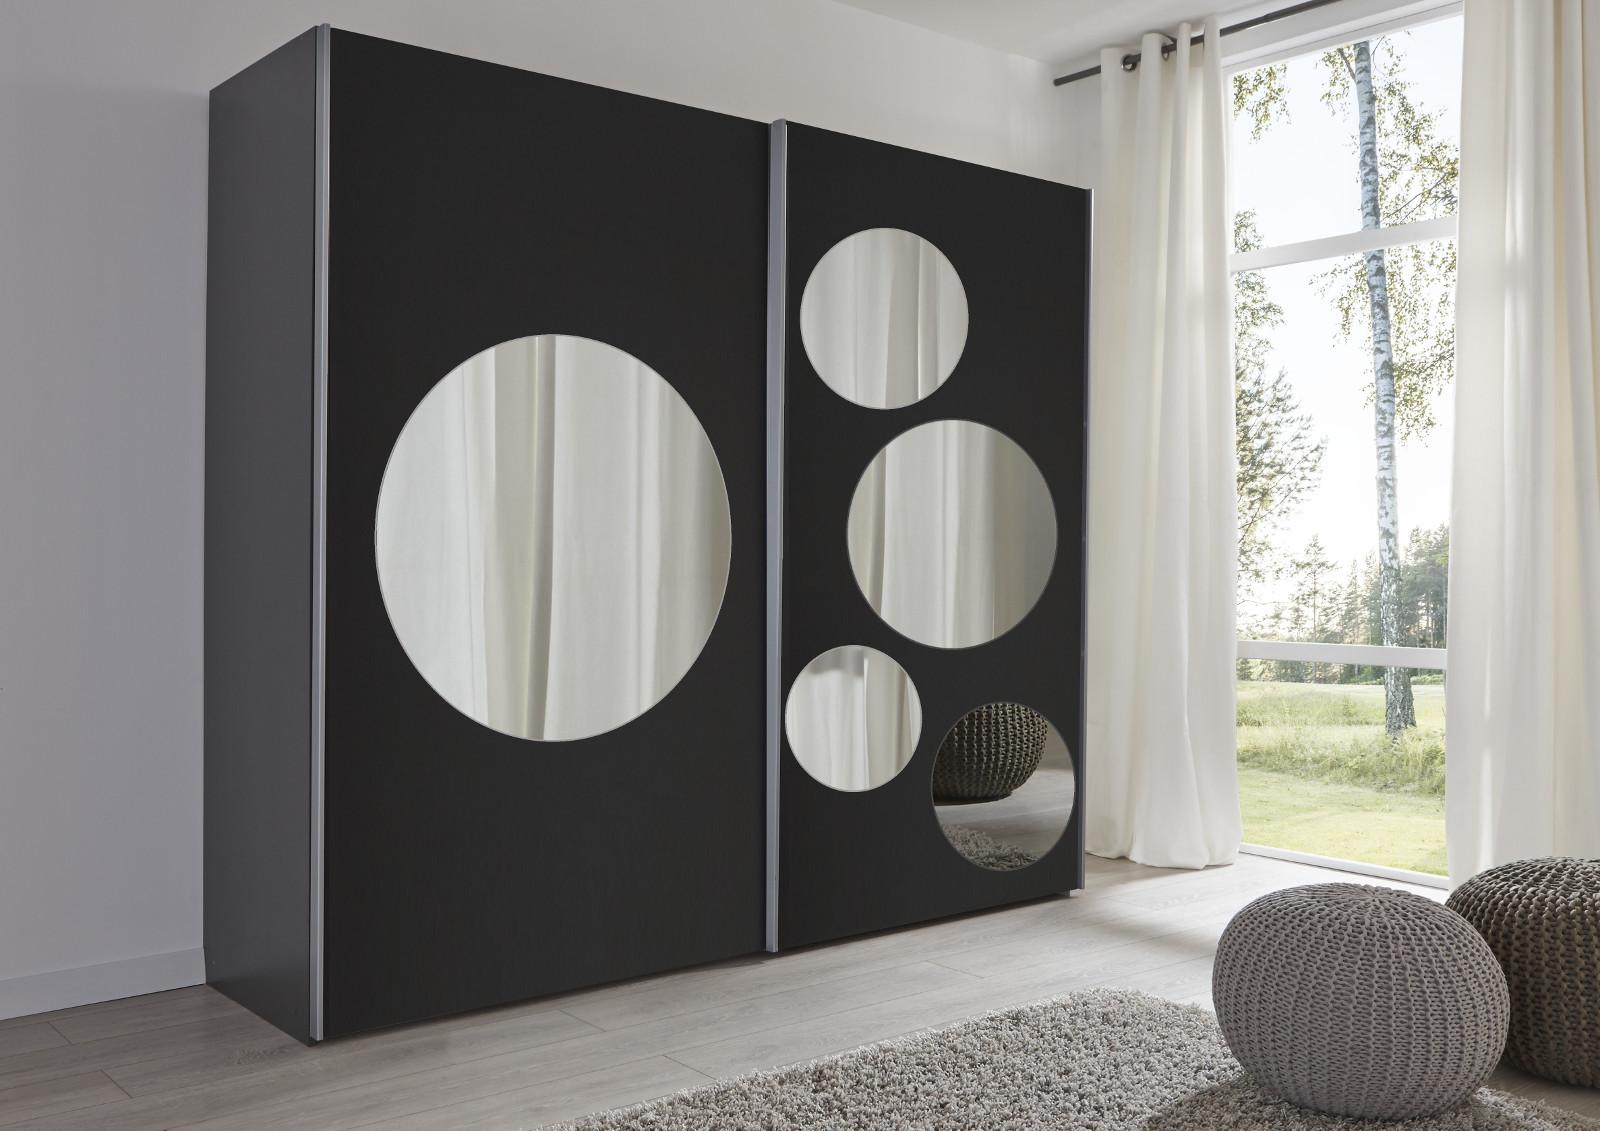 Kleiderschrank weiß schwarz mit spiegel  Schwebetürenschrank weiß Spiegel Rundspiegel